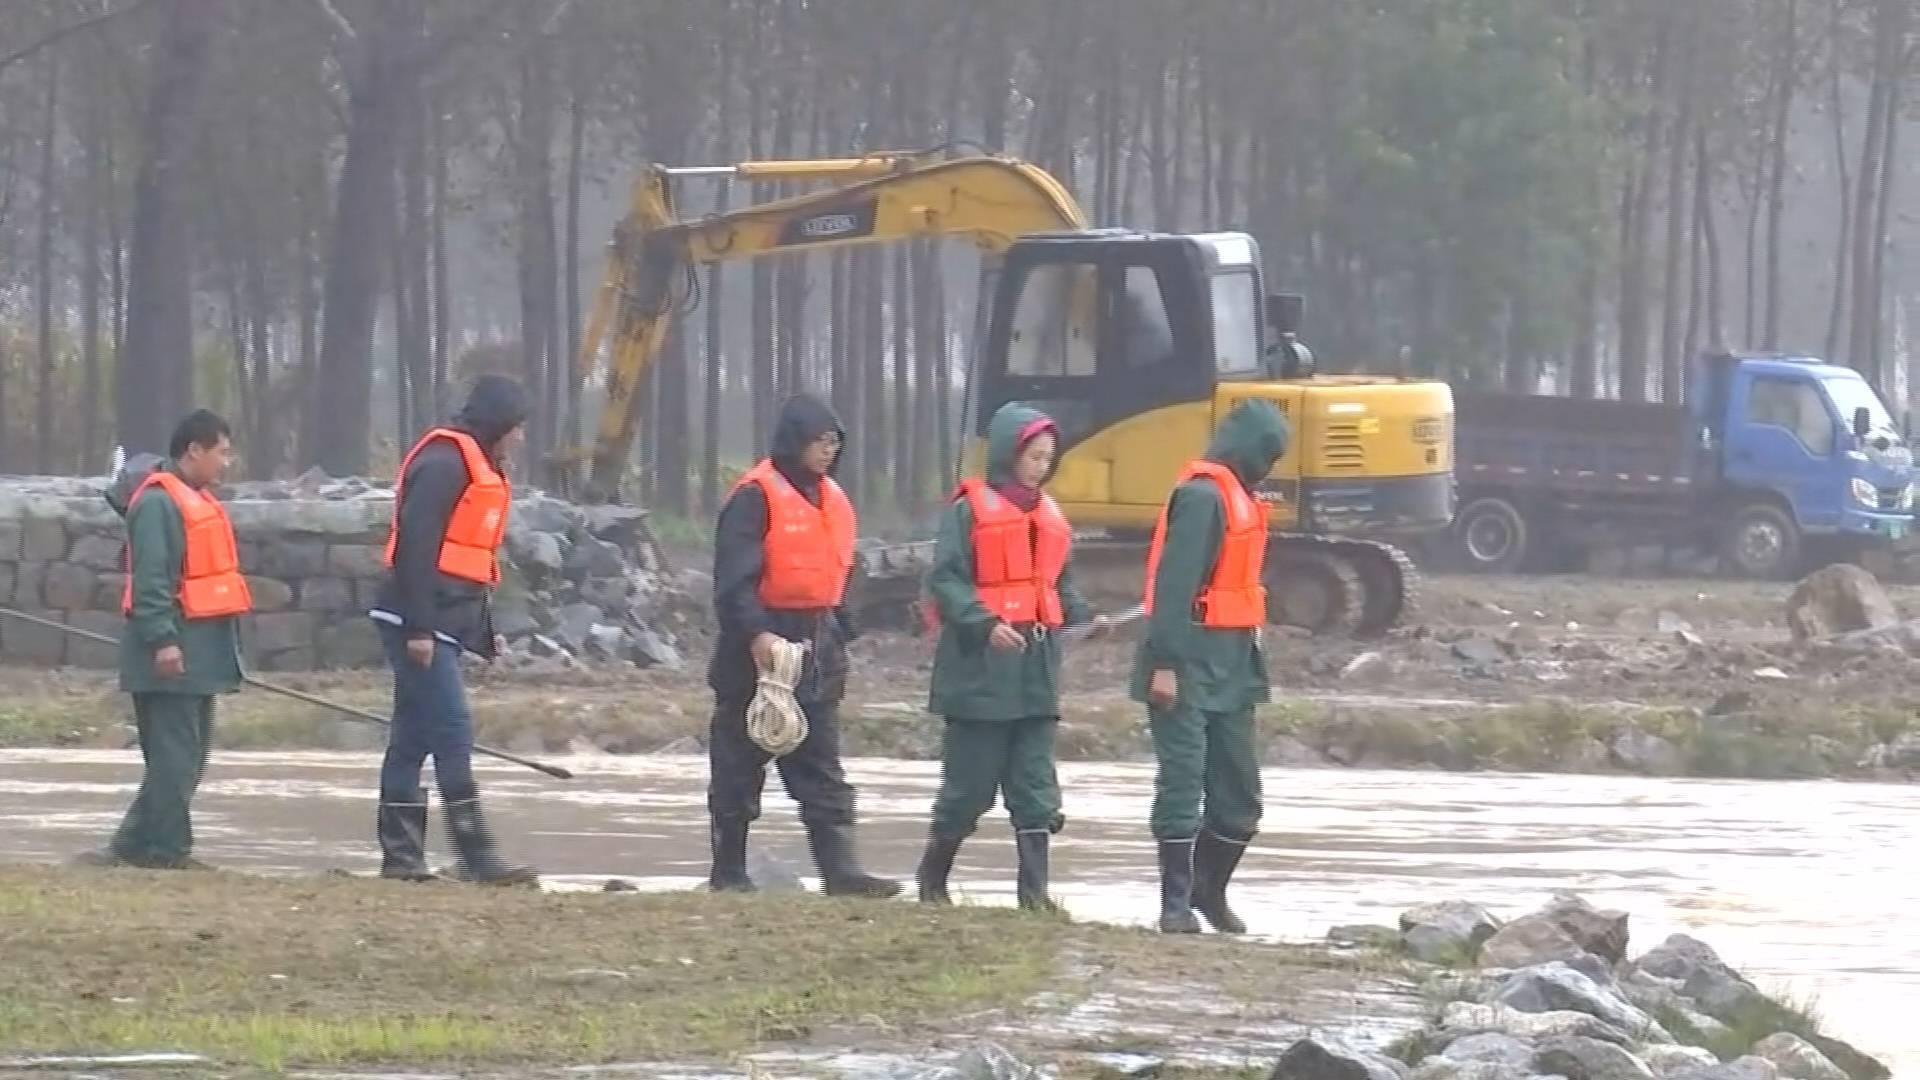 章丘黄河河务部门全员驻扎黄河一线 24小时巡查值守